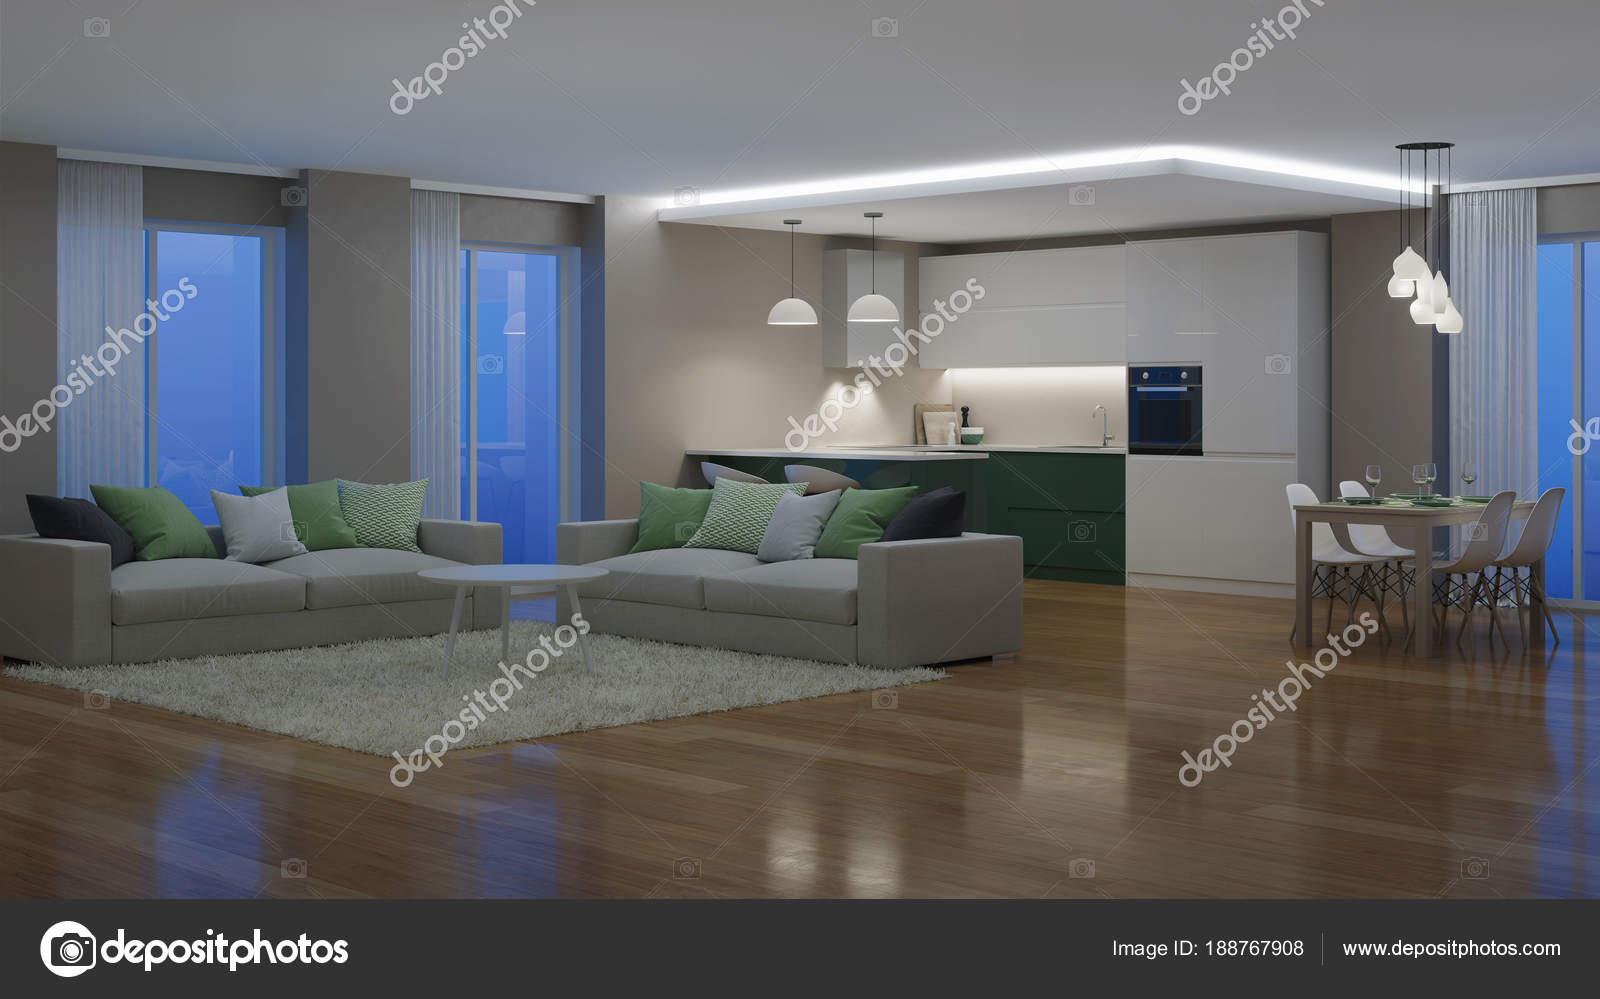 Modernes Haus Innen Beleuchtung Abend Nacht Rendering — Stockfoto ...